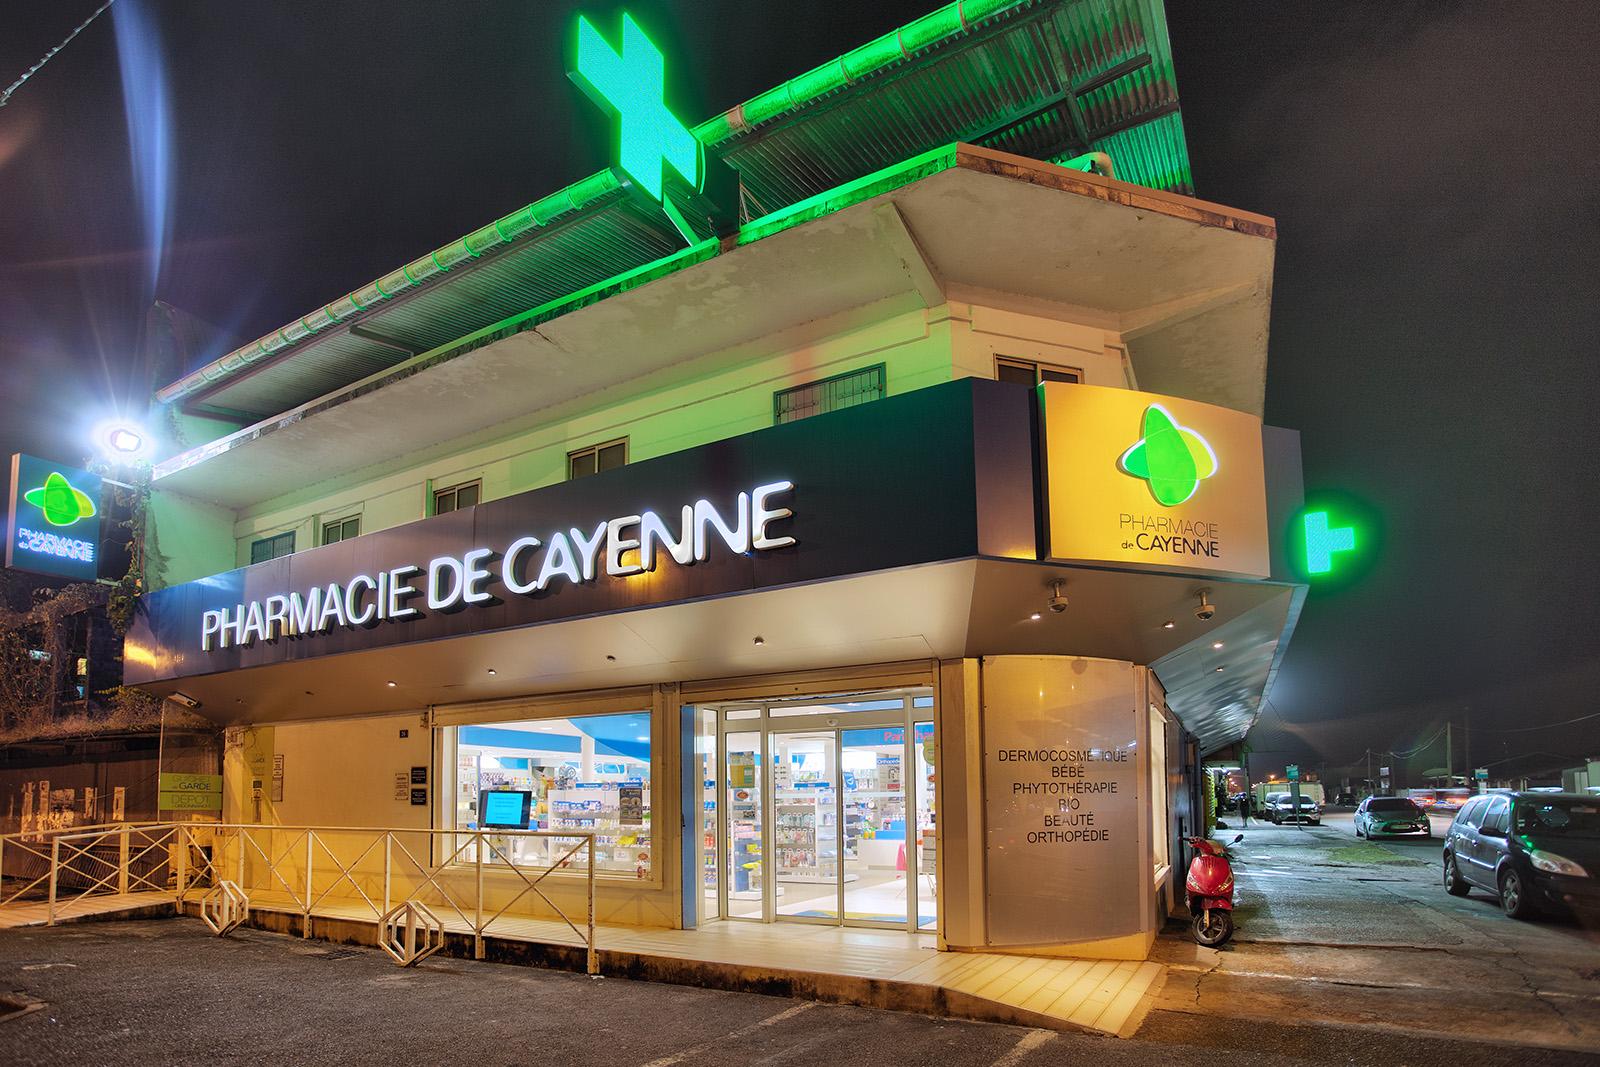 pharmacie de cayenne cayenne vente en ligne. Black Bedroom Furniture Sets. Home Design Ideas